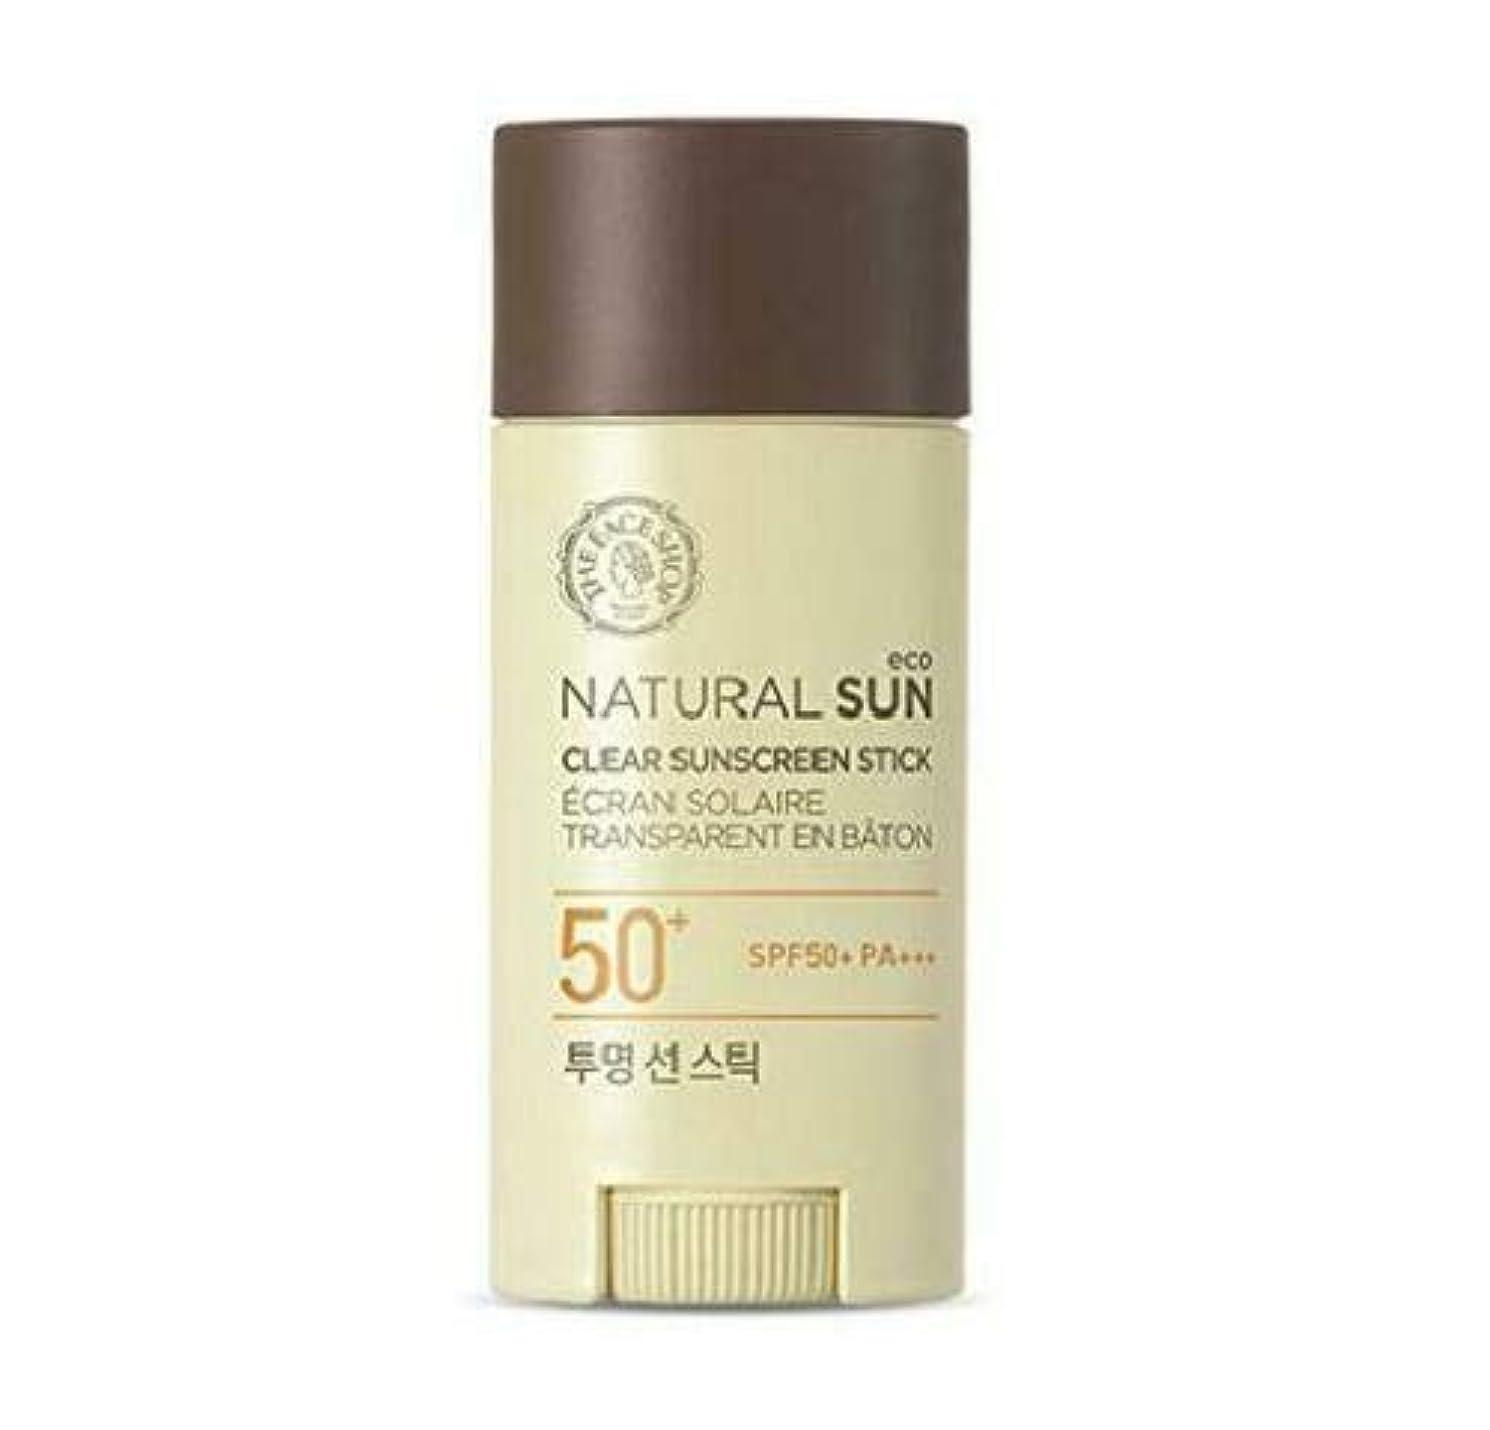 ブランデー上院議員特派員ザフェイスショップ(The Face Shop) Natural Eco Sun Clear Sunscreen Stick サンスティック (13.5g) SPF50+ PA+++